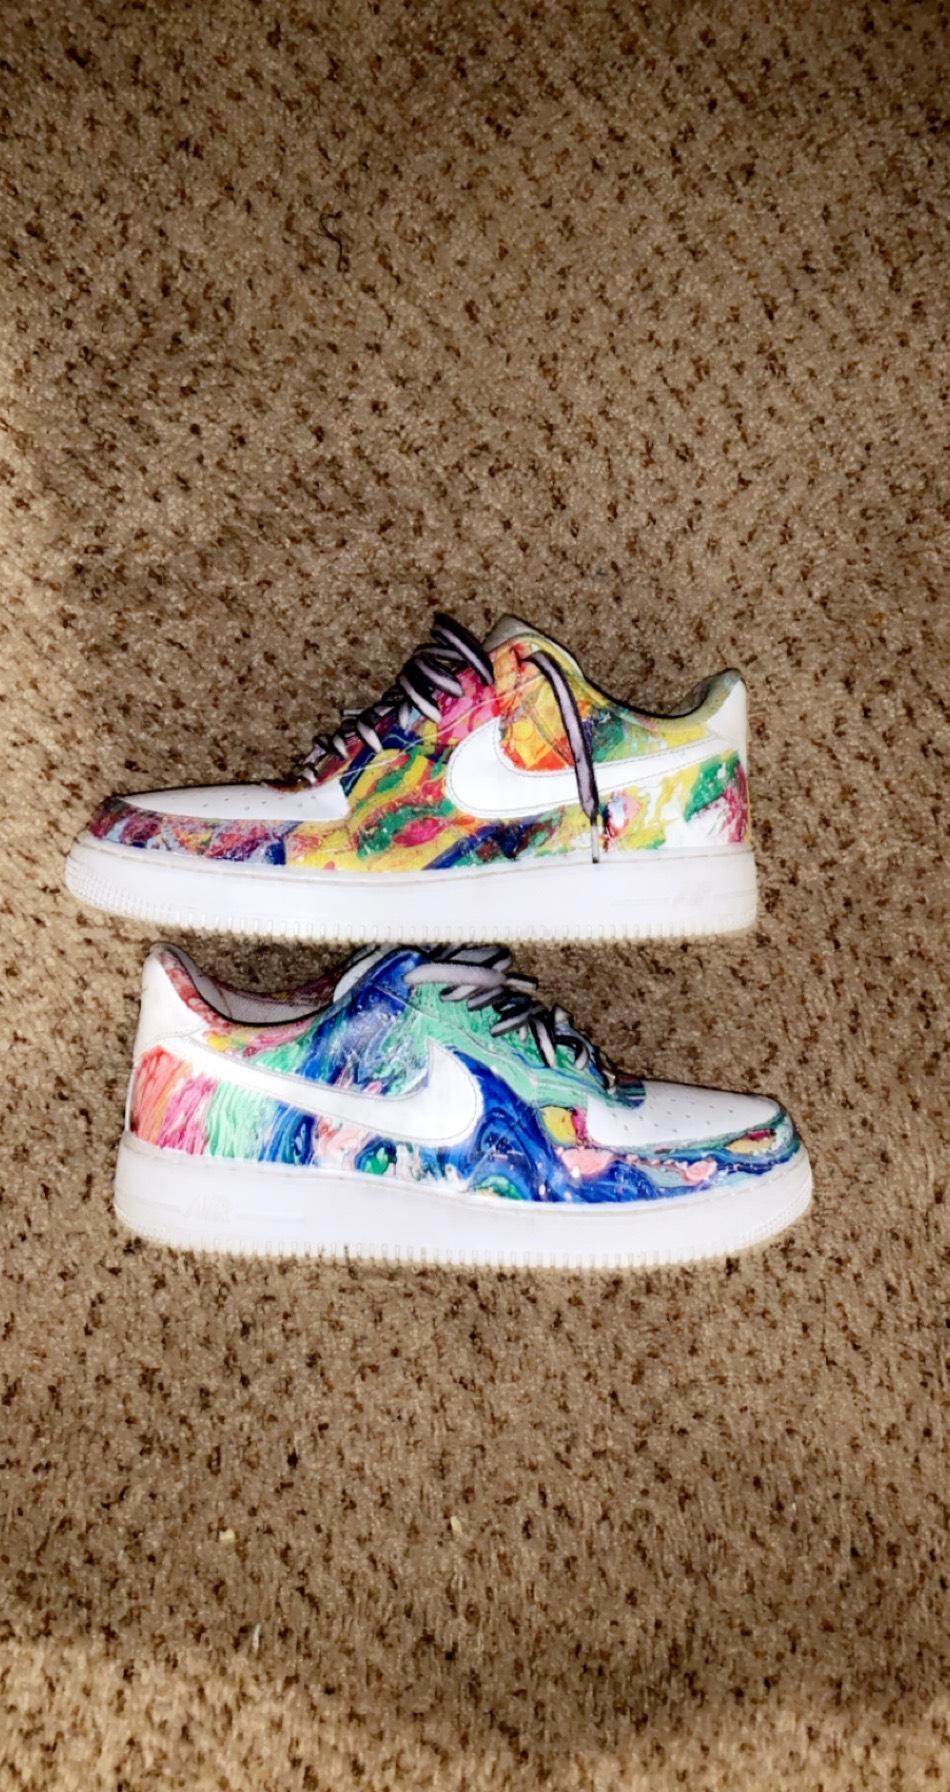 Nike - $160 - Size 11